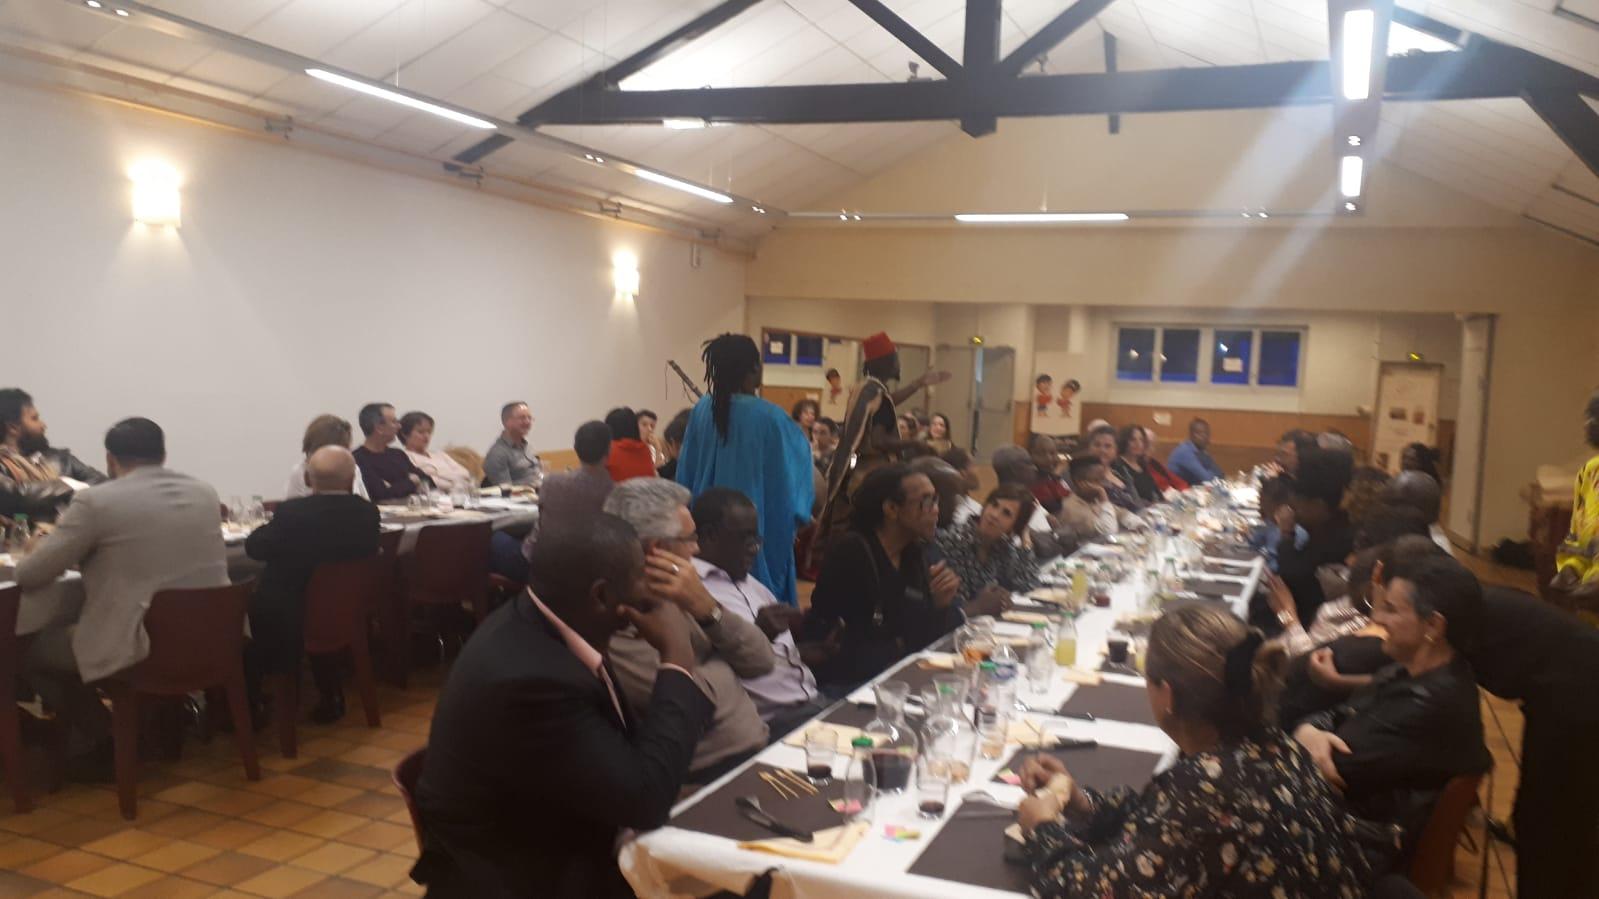 [SAGALY] Brochettes d'accras de niébé, d'alocos, couscous sahélien avec son agneau, déguê et soupe mangues ont régalé lors du buffet afro-gourmand du 11 octobre 2019